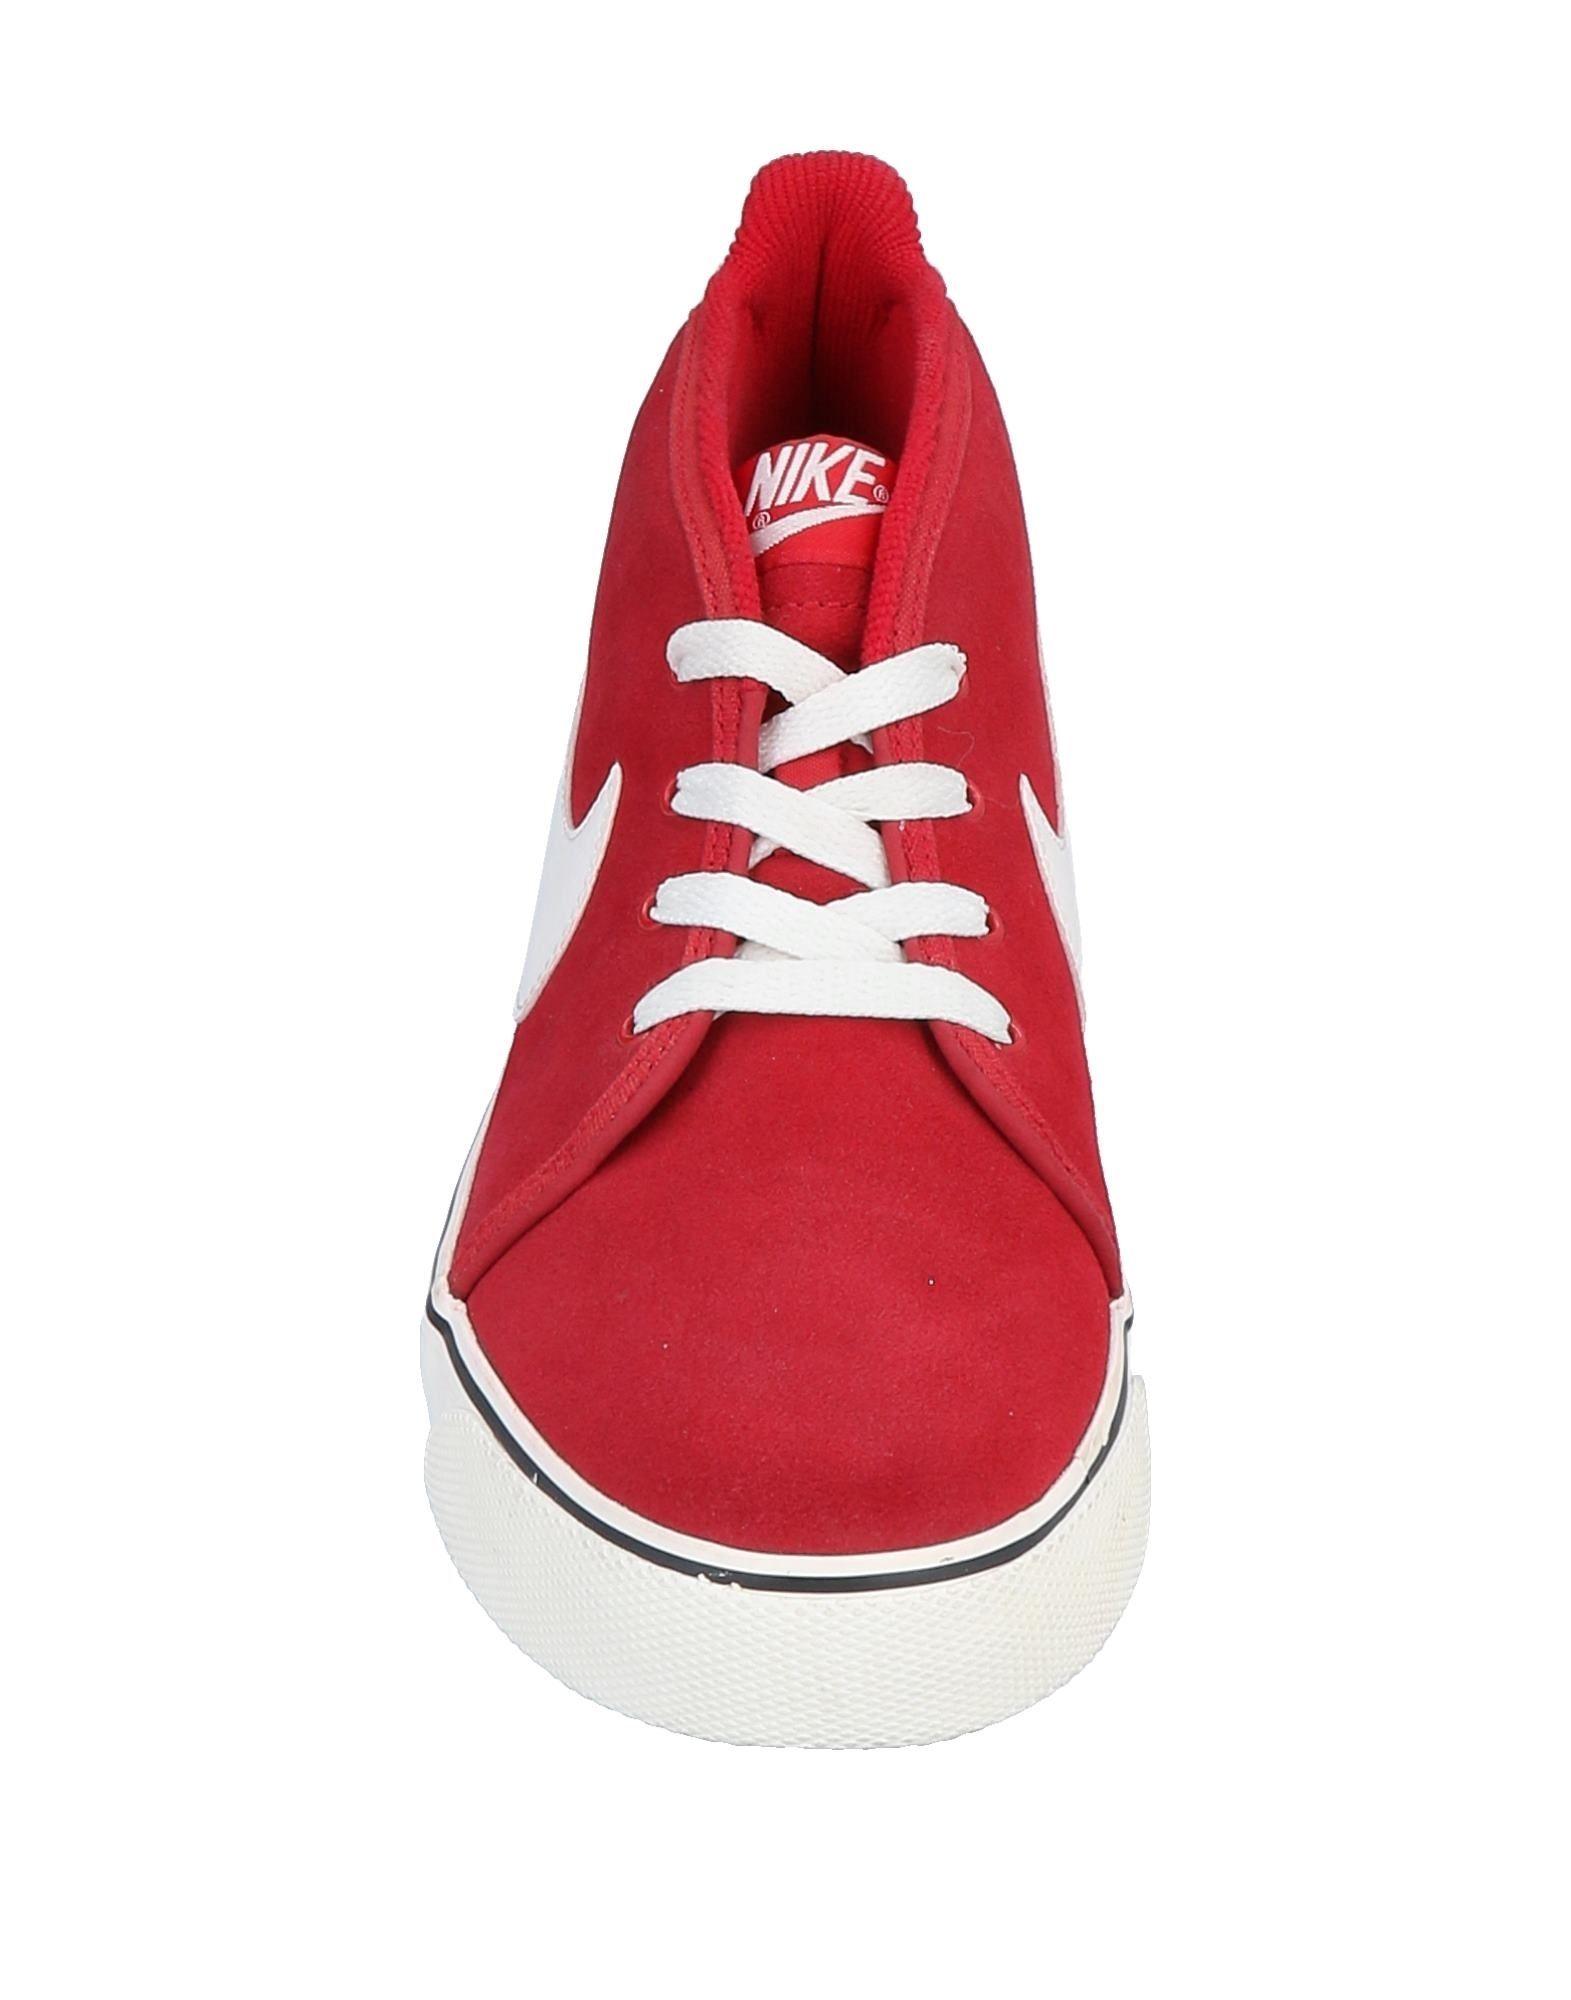 Rabatt echte Schuhe Nike Sneakers Sneakers Sneakers Herren  11572735SR 63d0ed